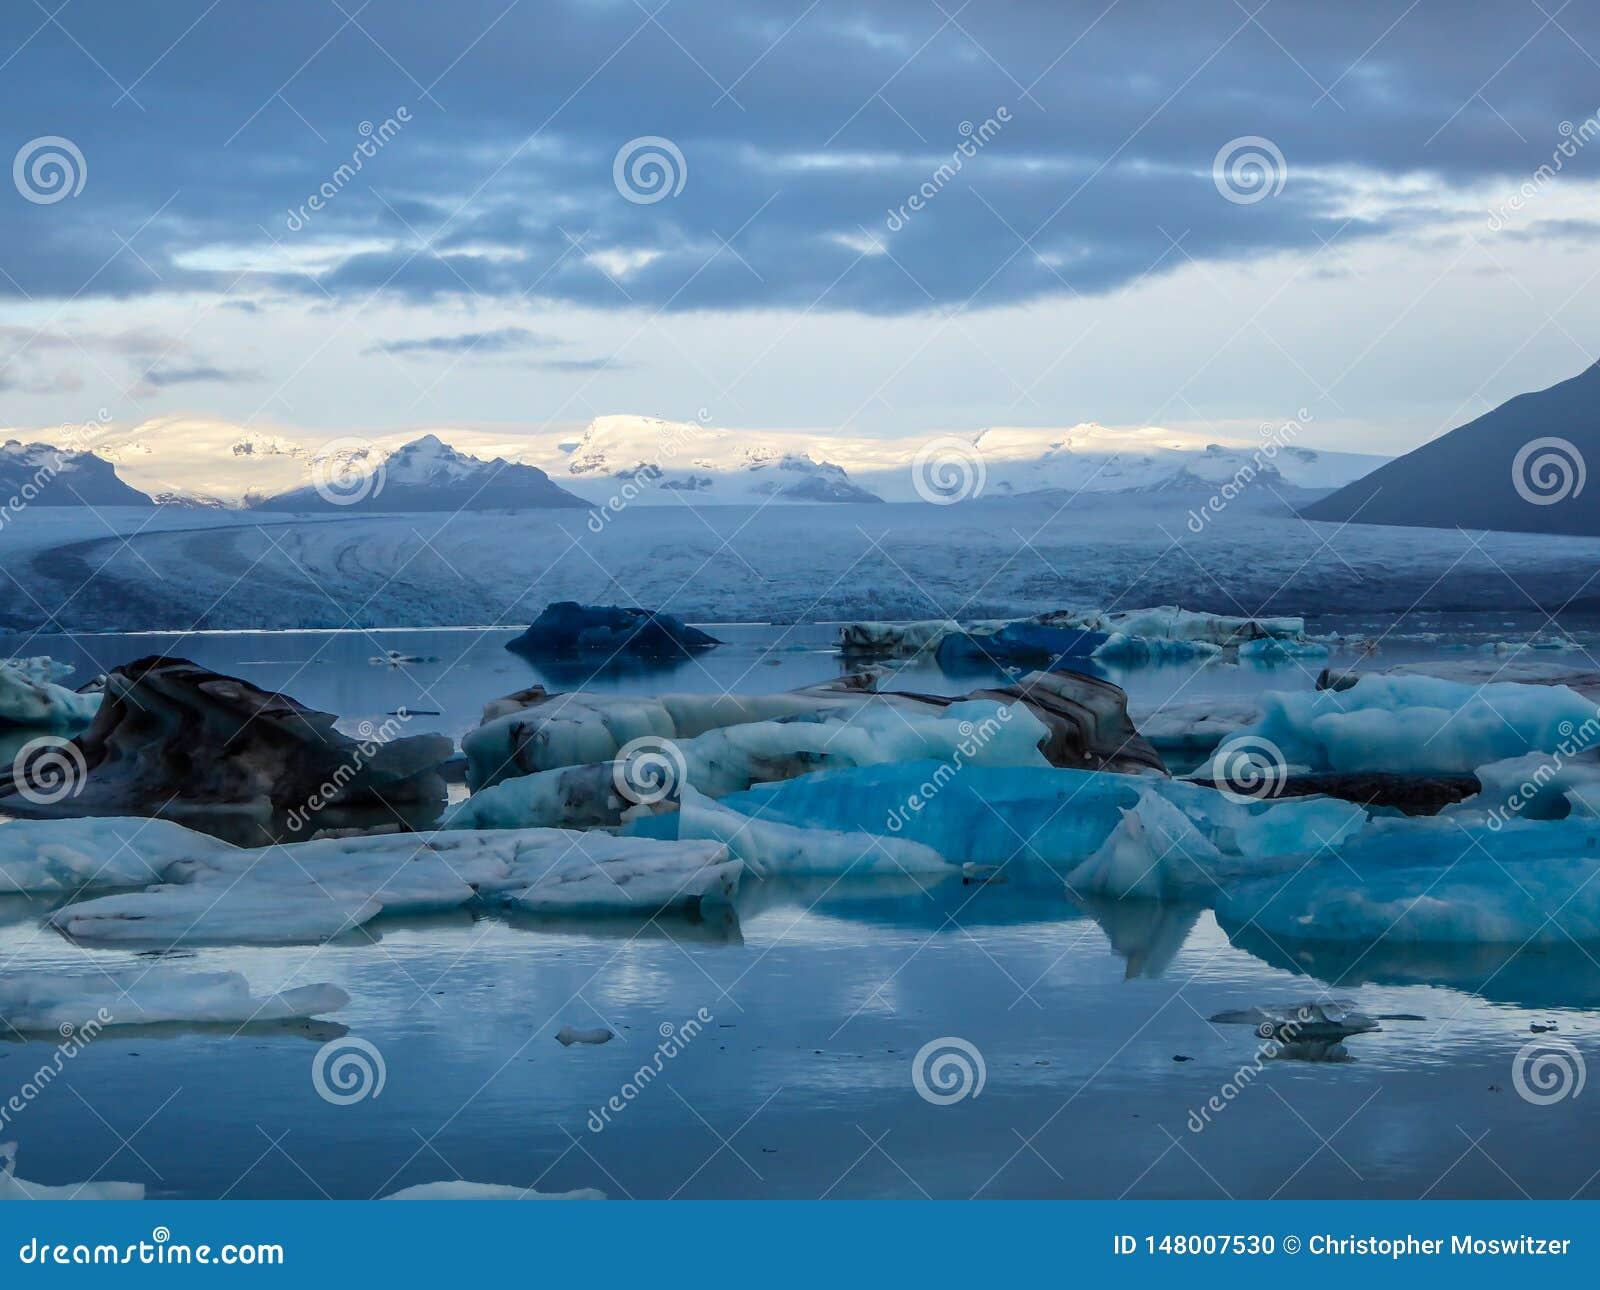 Iceland - lodowiec laguna z dryfuj?cymi g?rami lodowymi i lodowem w plecy